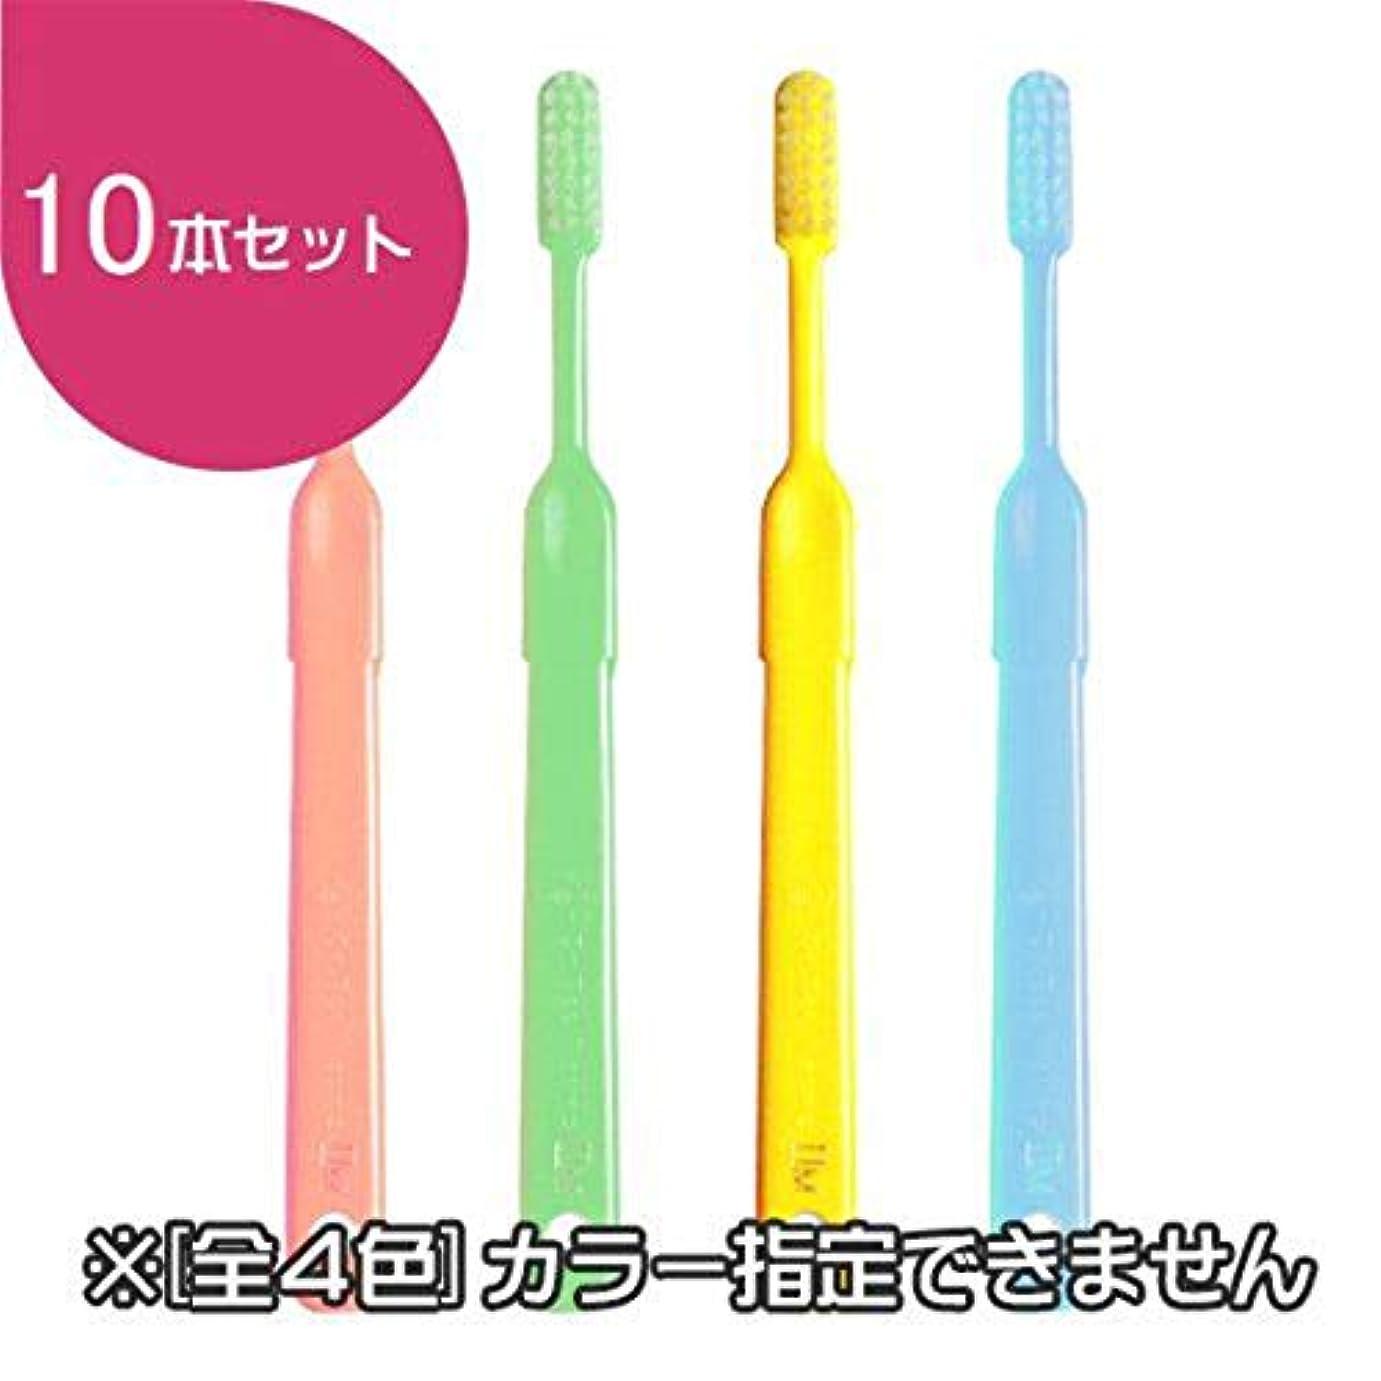 ふりをする体系的にフロービーブランド ドクター ビーヤング2 歯ブラシ 10本(ソフト)